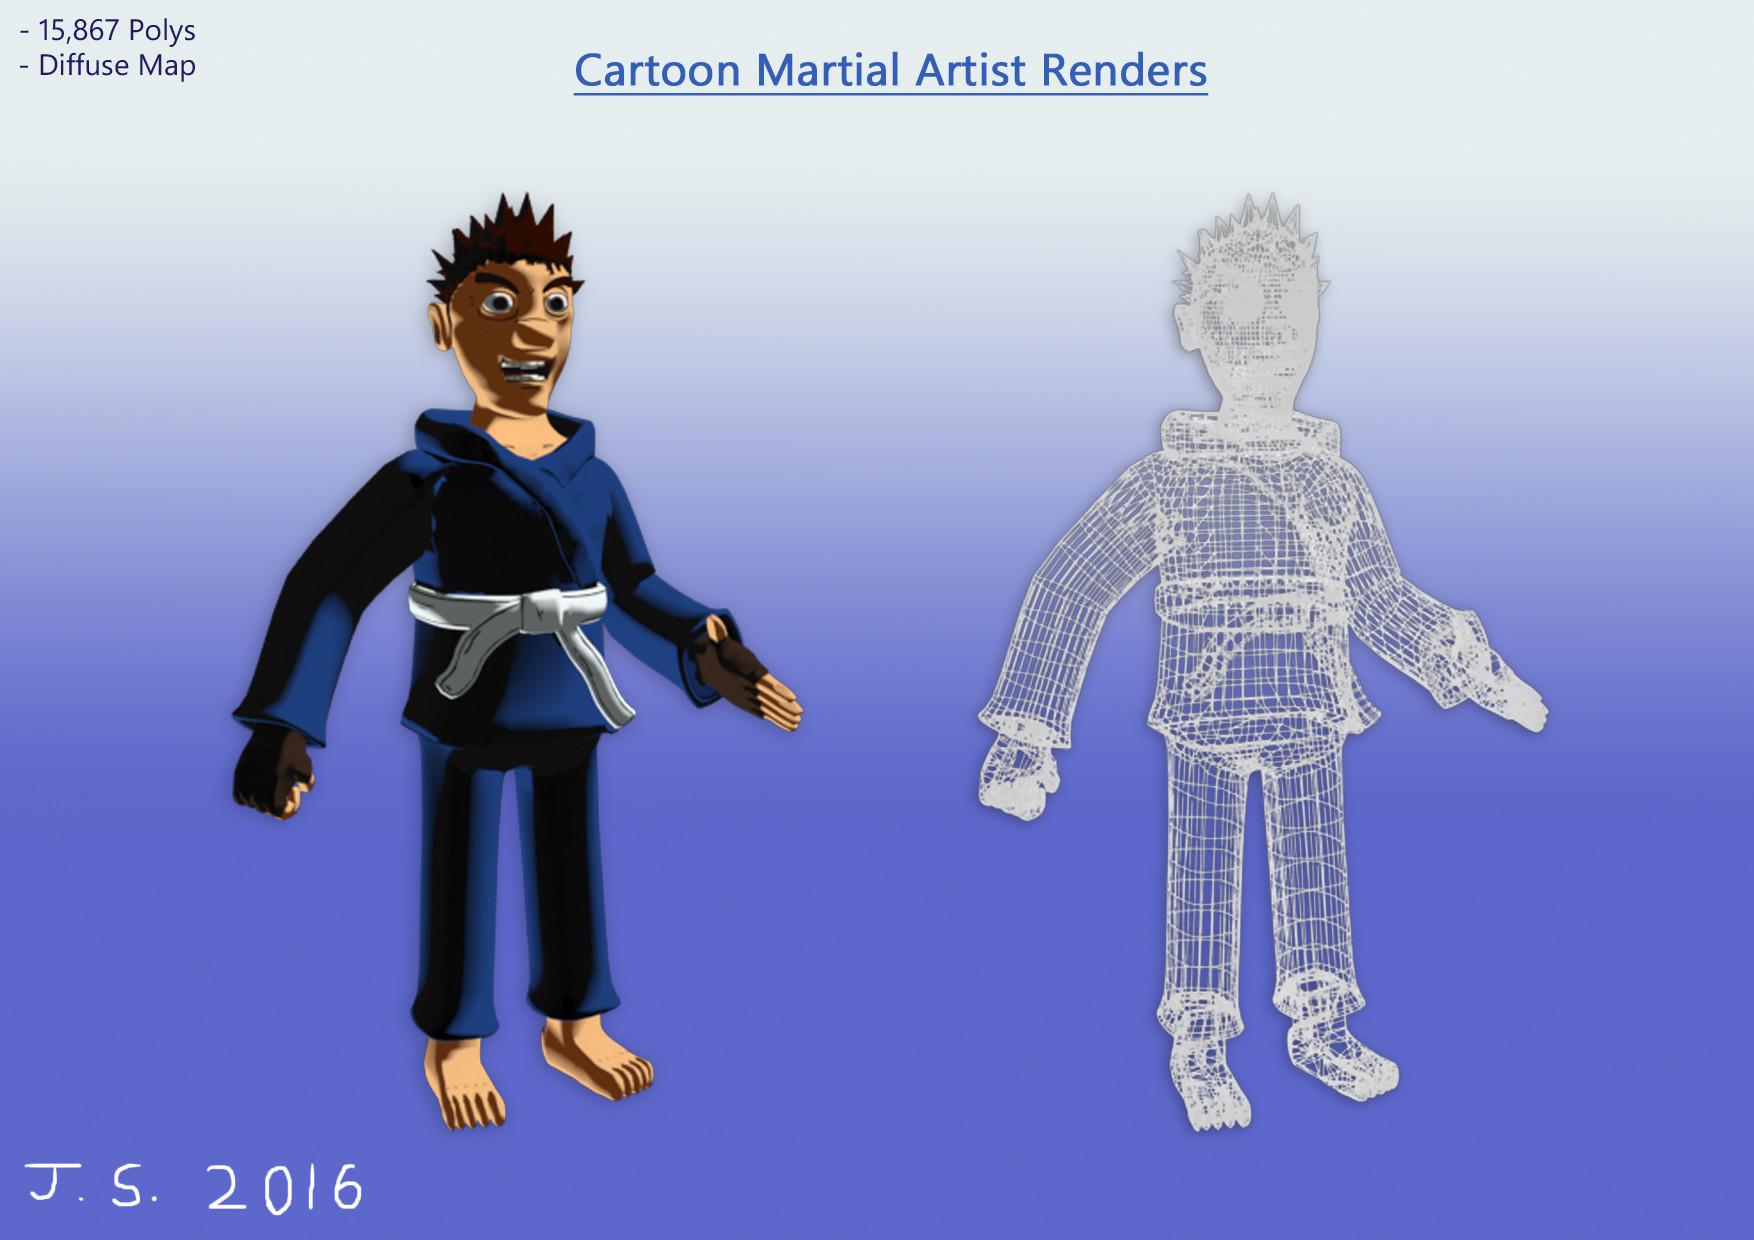 James skinner cartoon martial artist renders